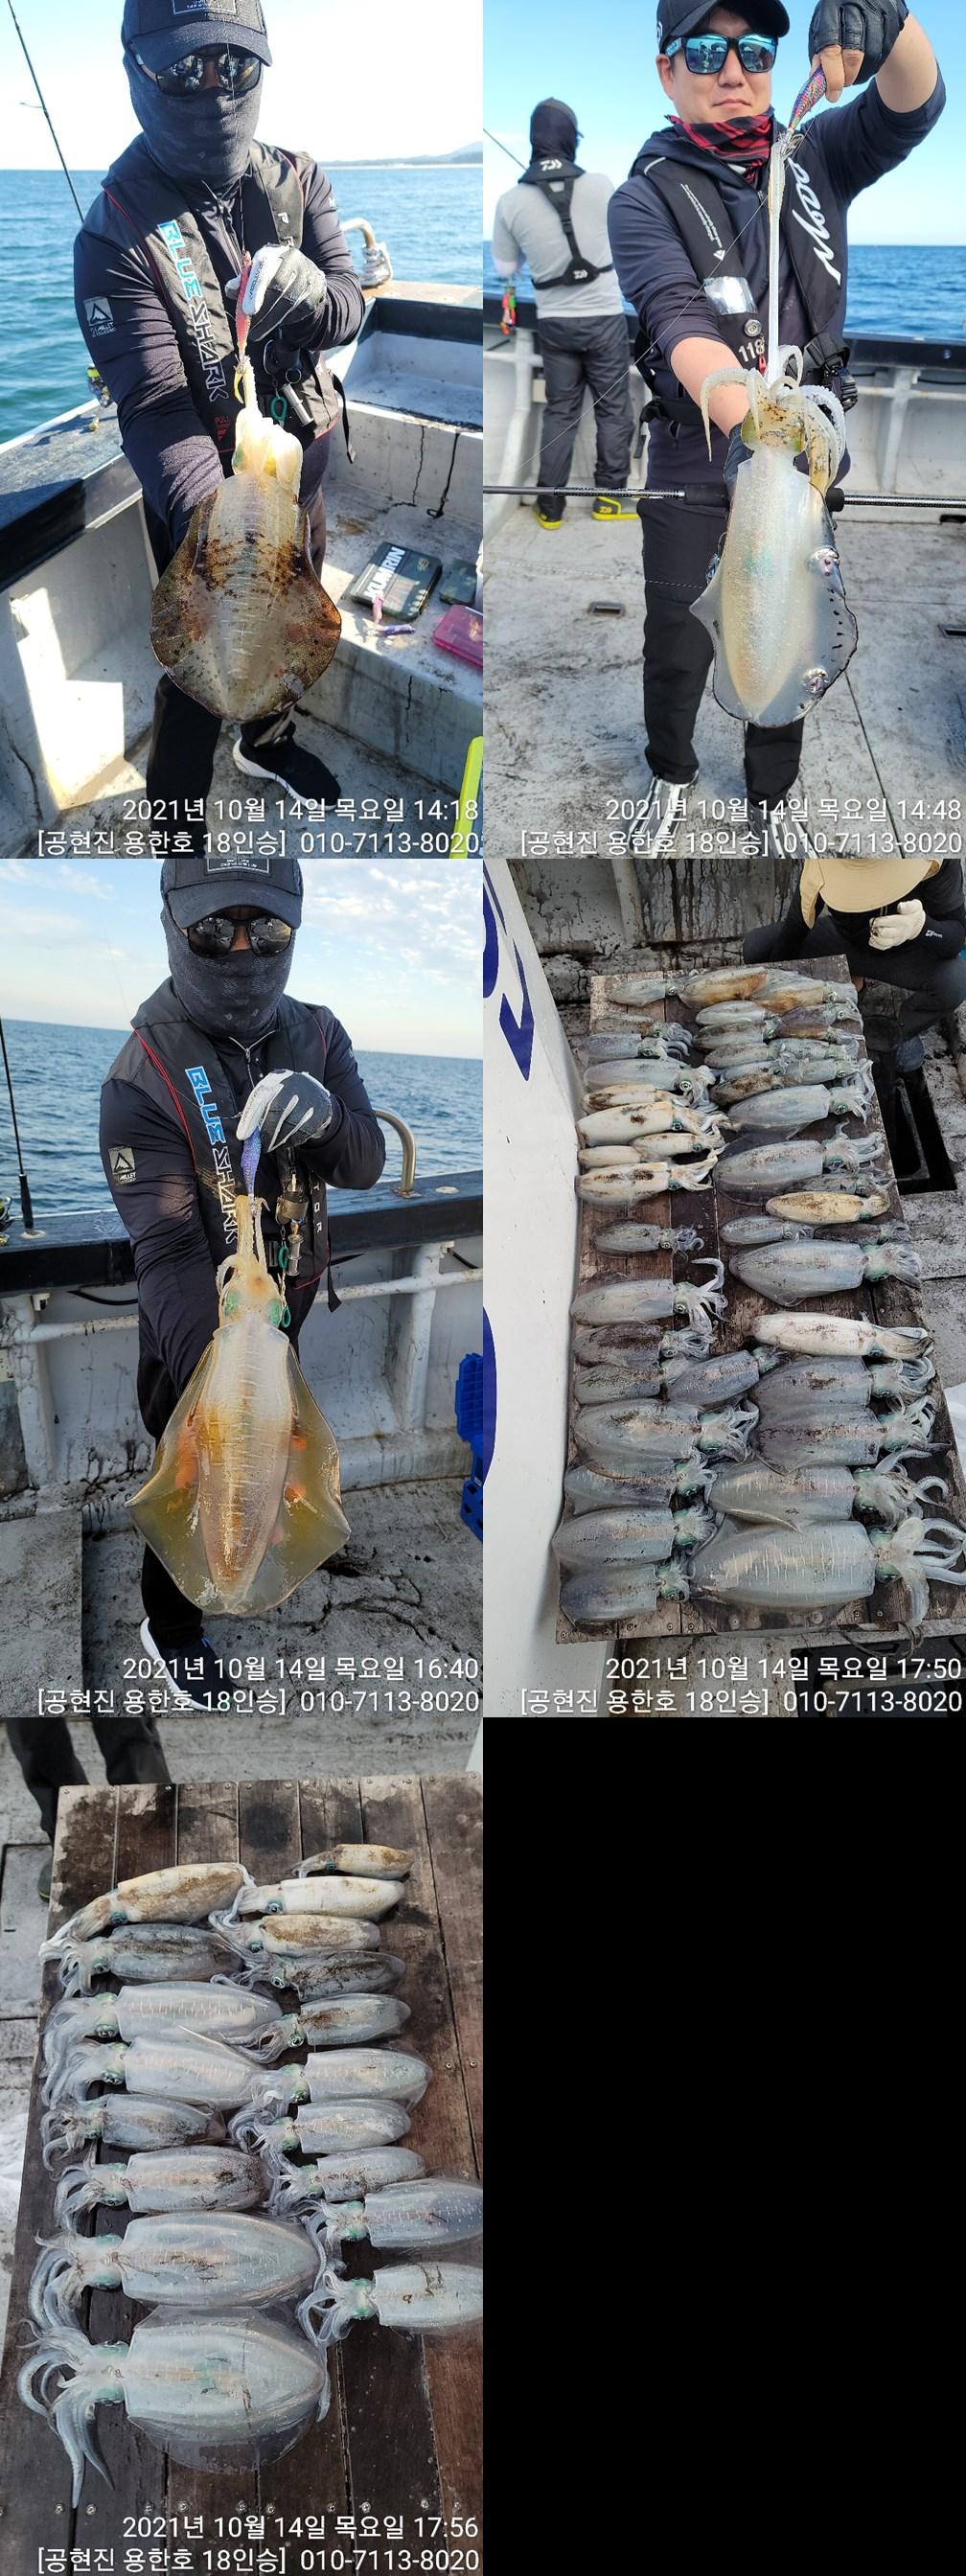 21.10.14 무늬오징어 팁런 조황